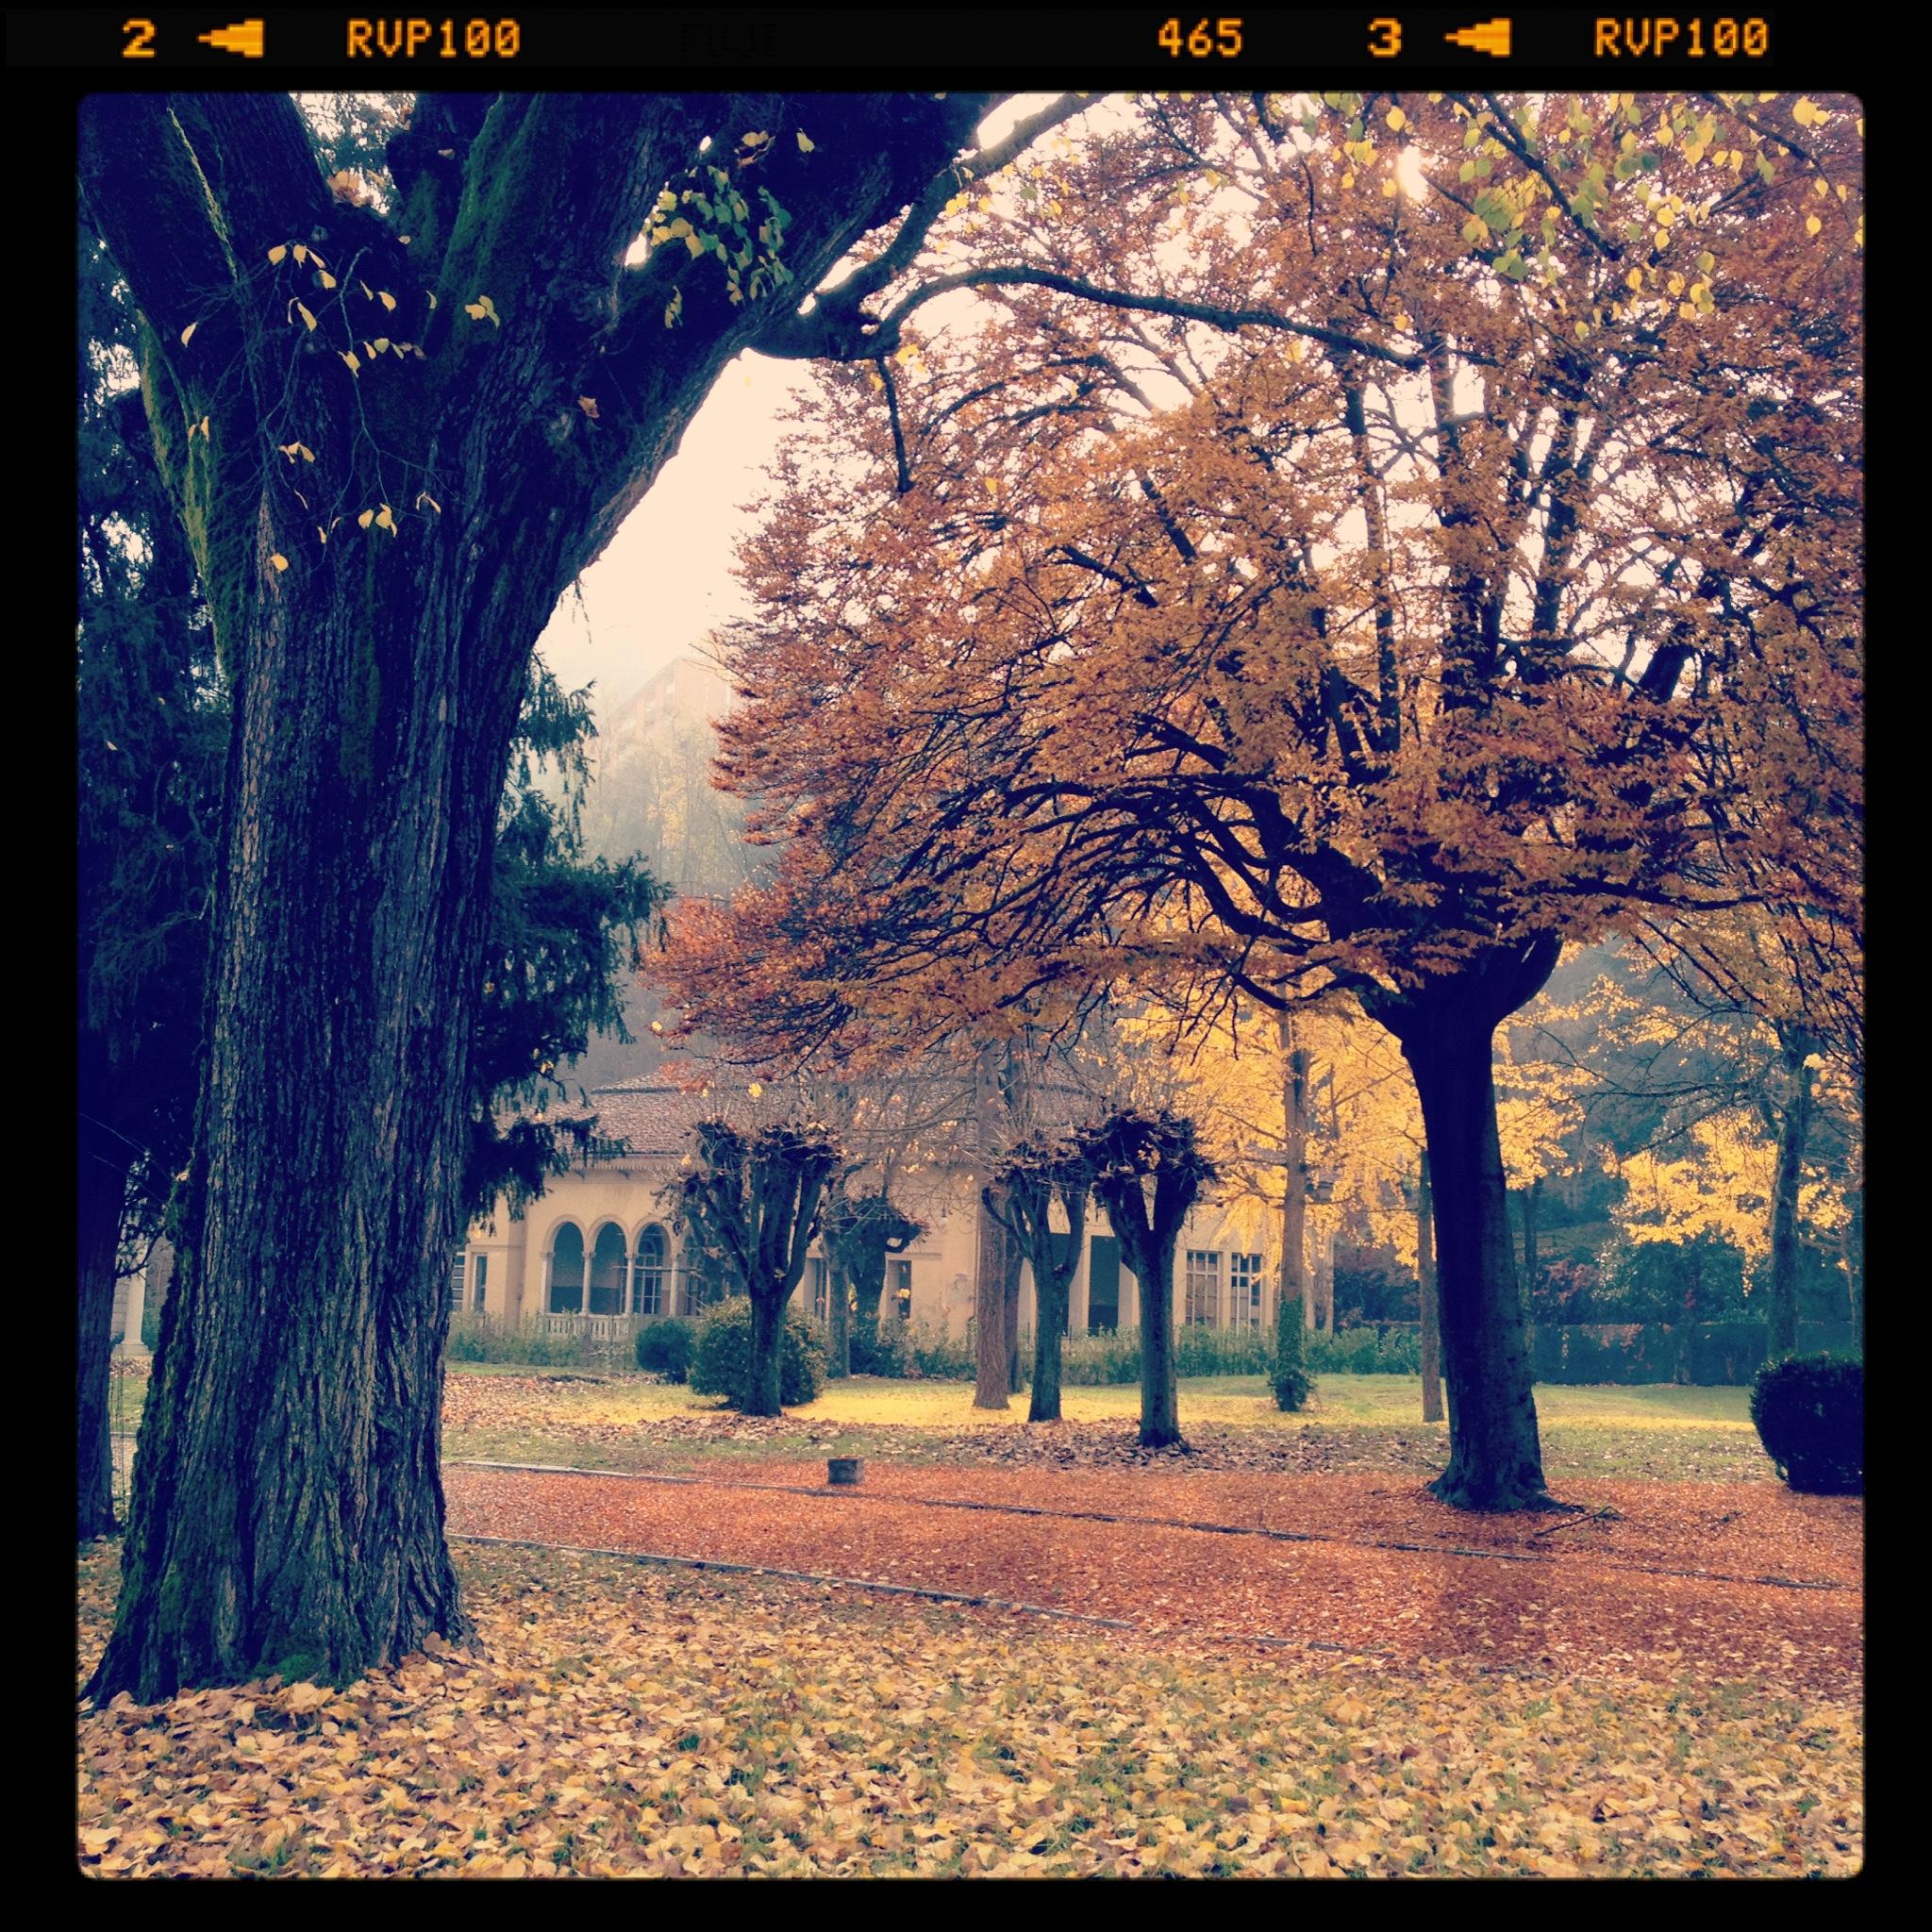 2011-11-12 11.04.51.jpg